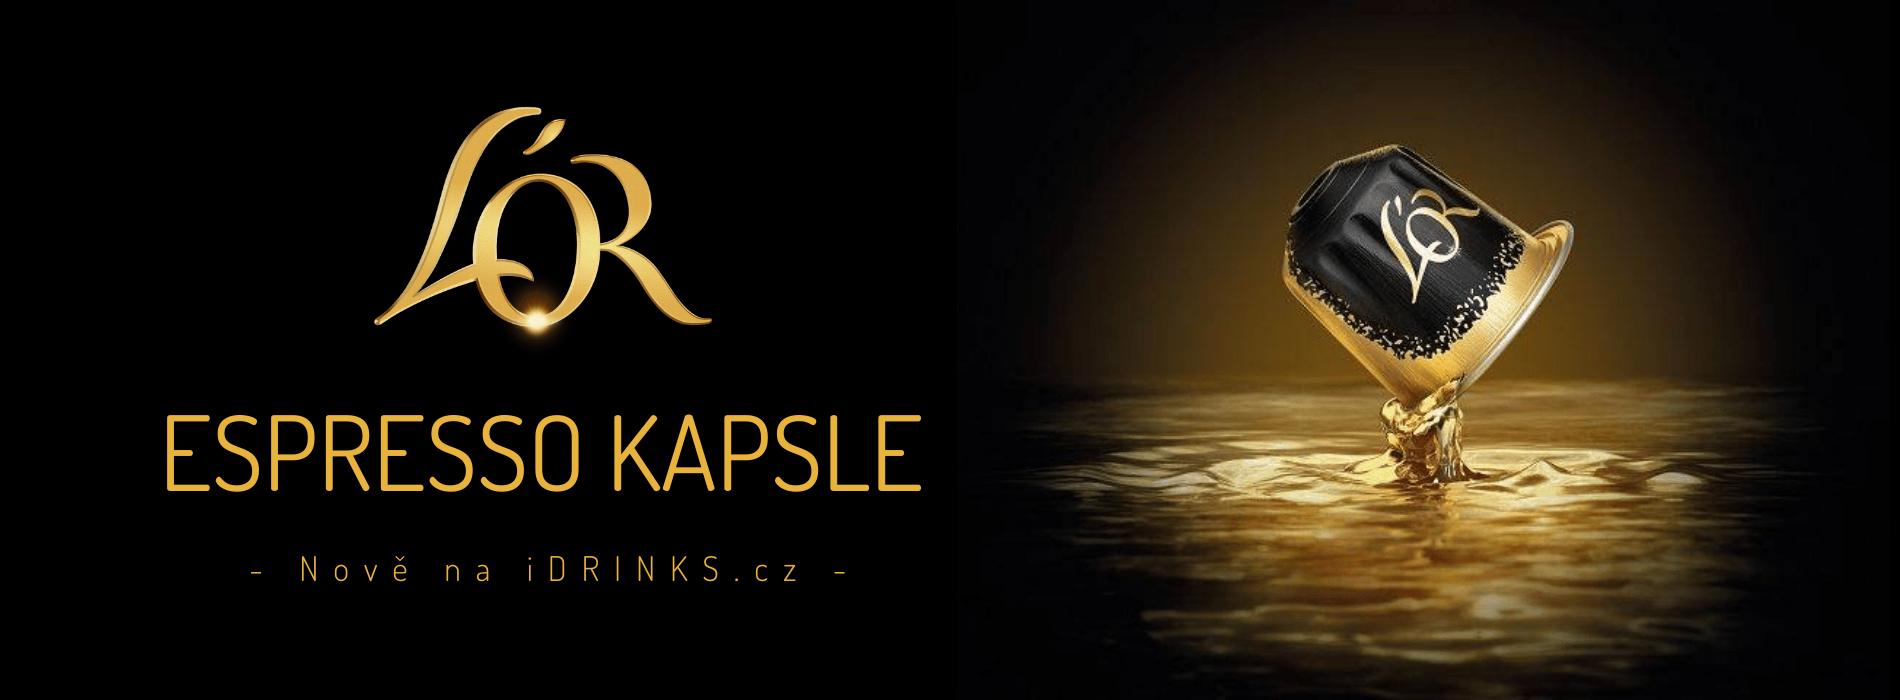 Nově na iDRINKS.cz Kapsle L'OR